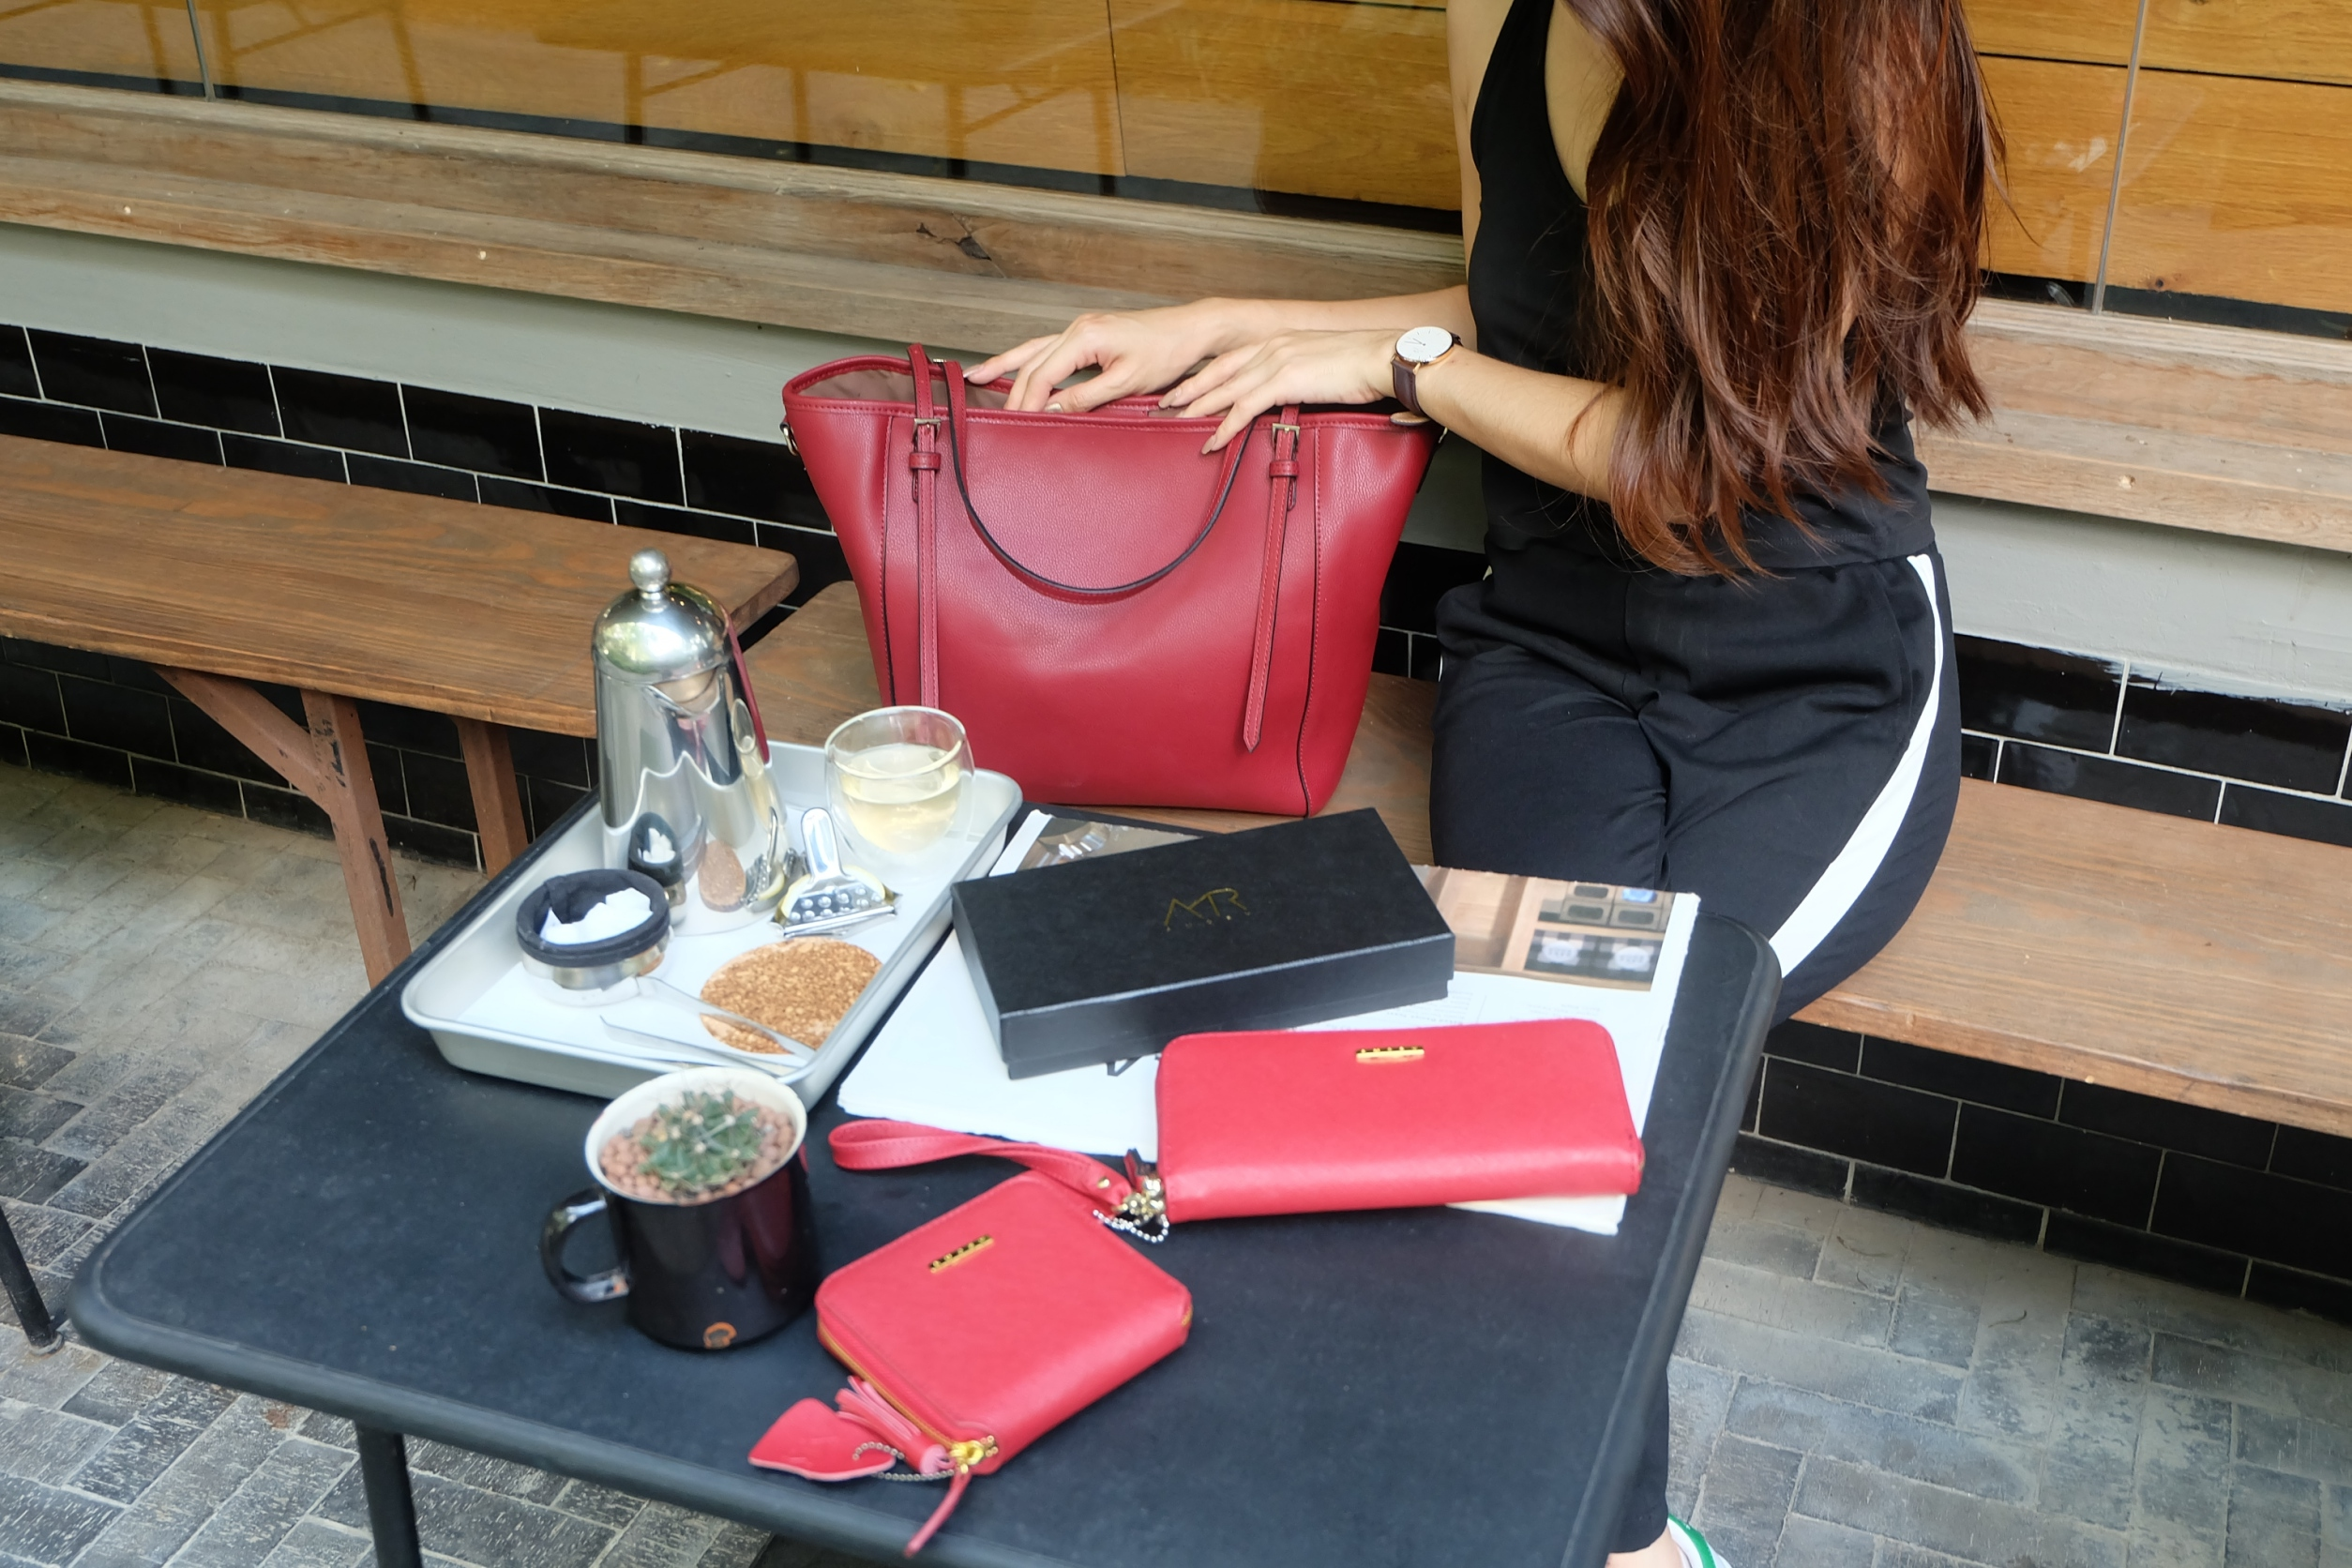 กระเป๋า Amory Leather Everyday Tote Bag สีแดง กระเป๋าหนังแท้ทั้งใบ 100%